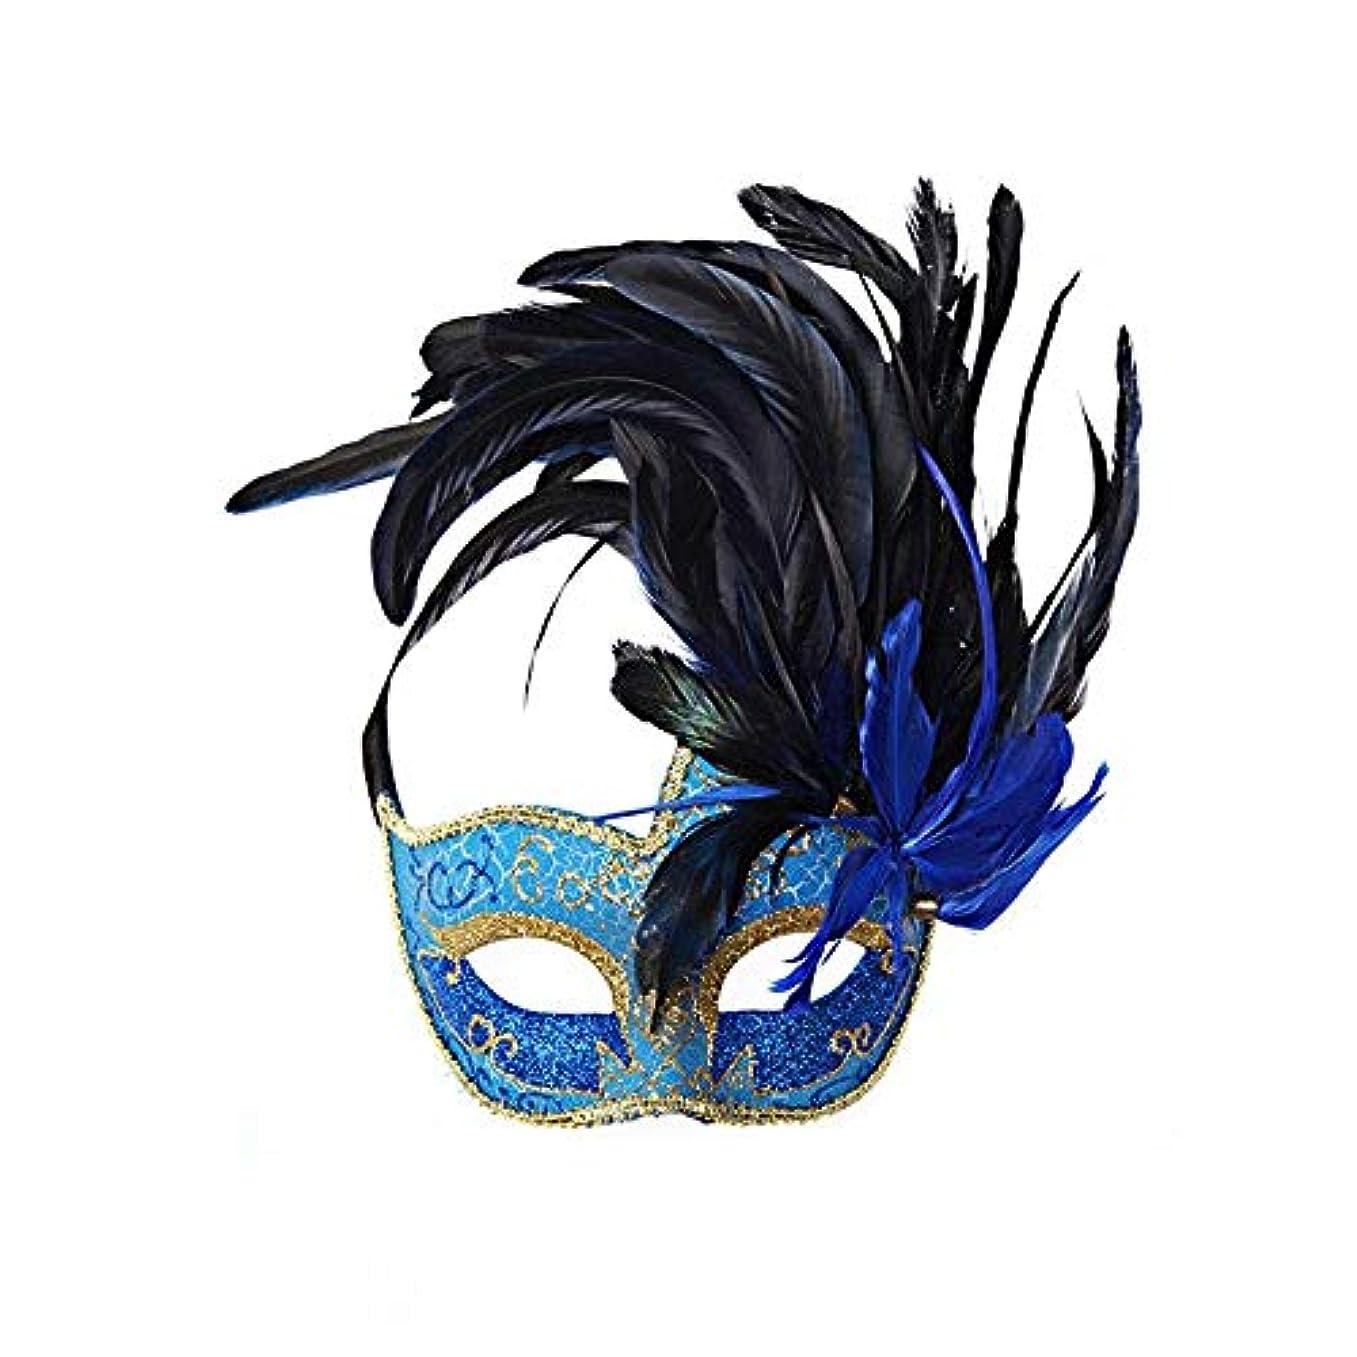 ピクニック極端ないたずらなNanle ハロウィンマスクハーフフェザーマスクベニスプリンセスマスク美容レース仮面ライダーコスプレ (色 : Style A blue)